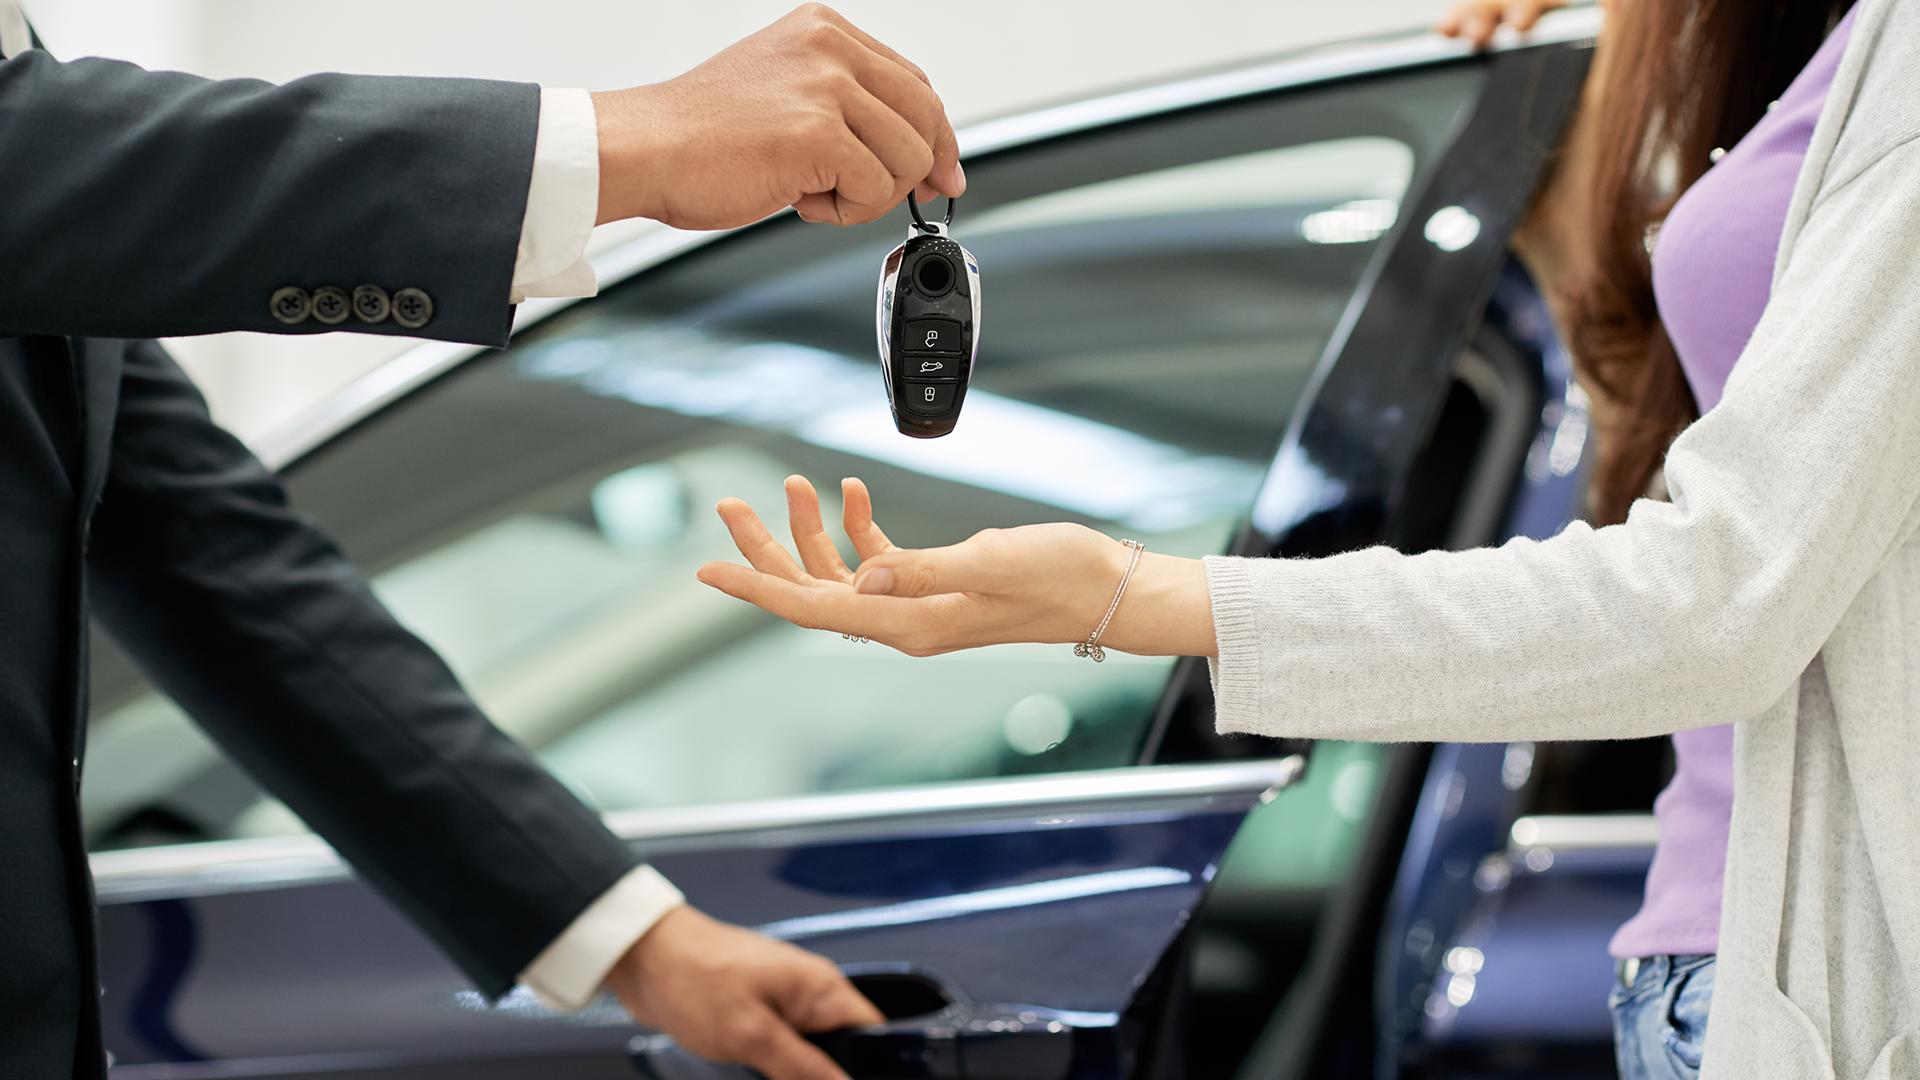 Los españoles siguen comprando más coches usados que nuevos